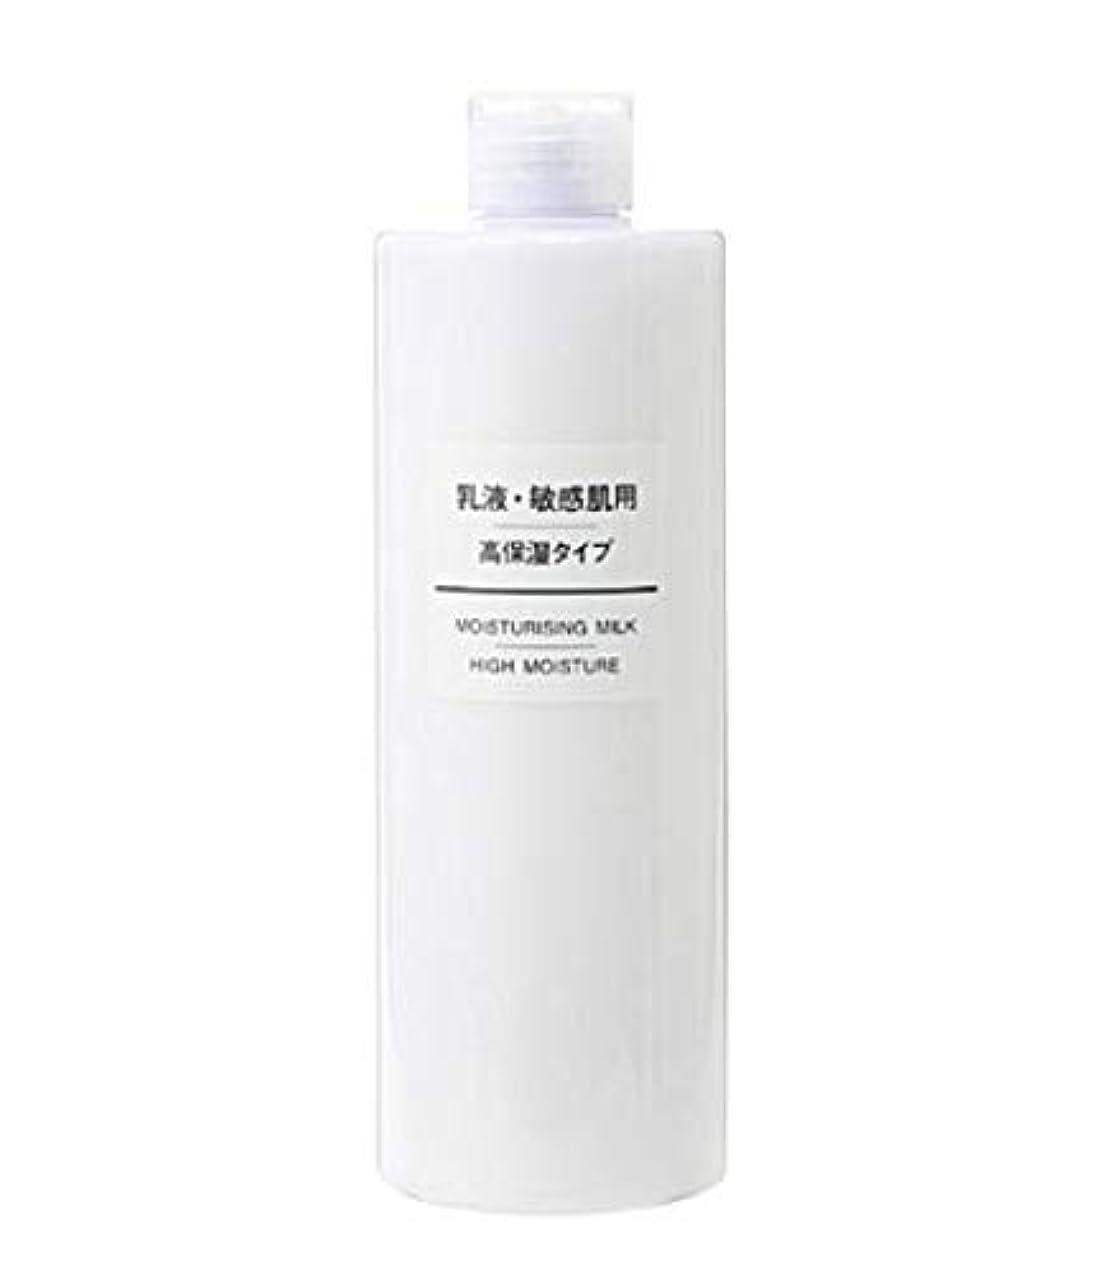 フォージワイヤーすぐに無印良品 乳液 敏感肌用 高保湿タイプ (大容量) 400ml